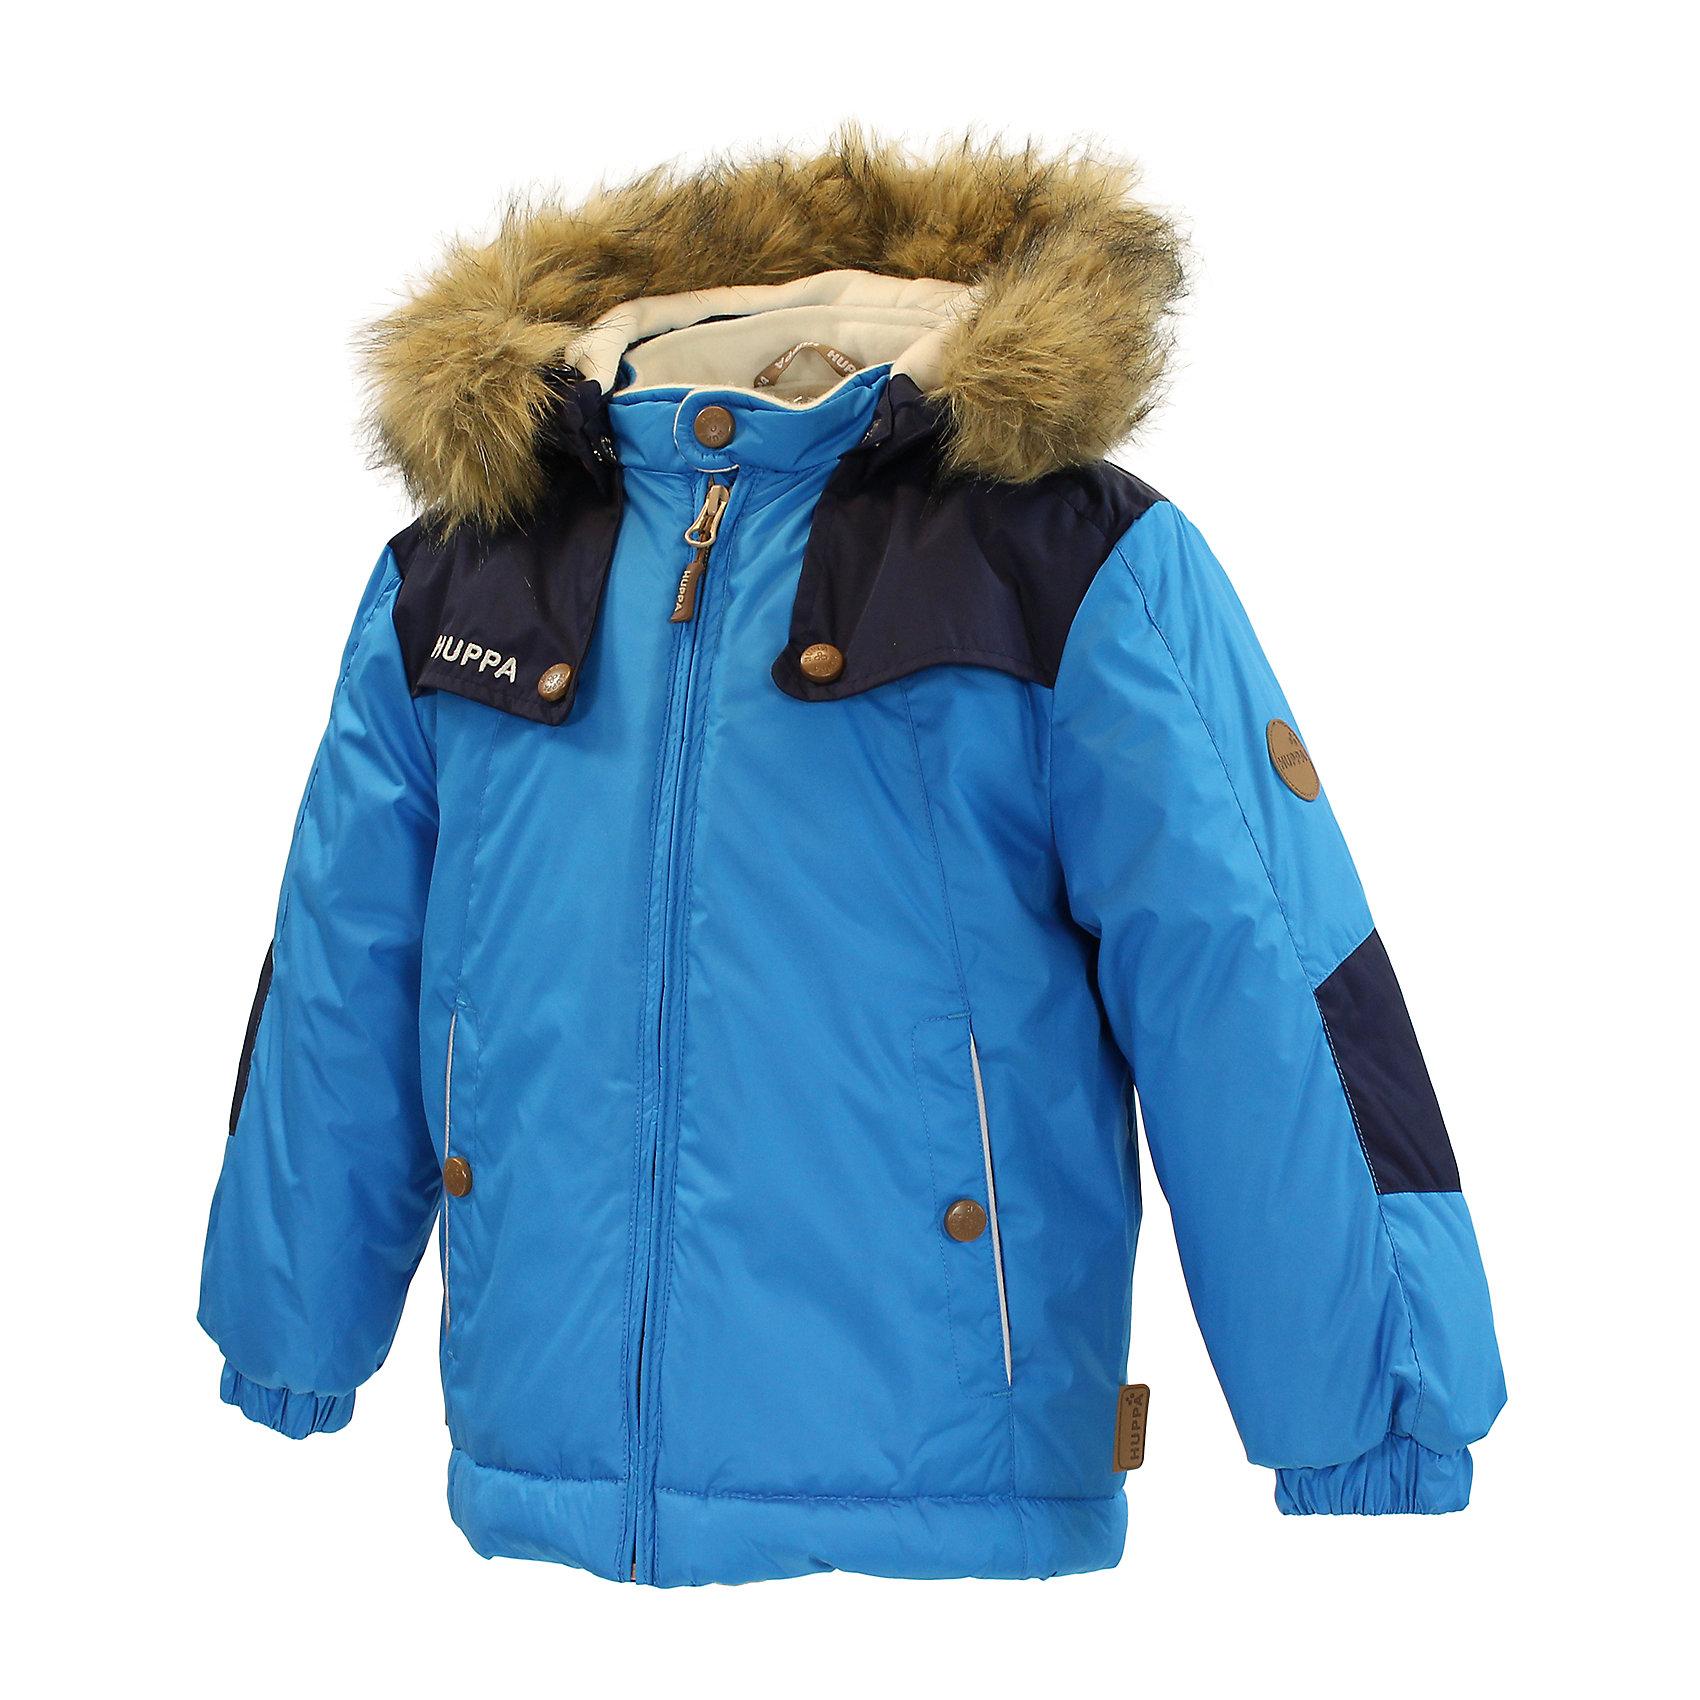 """Куртка для мальчика HuppaКуртка интересного покроя из мягкой ткани с приятно толстым ватином для зимних прогулок маленьких принцев. Подкладкой для красивой куртки служит """"Coral-fleece"""" в районе тела и подкладка из тафты в рукавах для облегчения прохождения рук. Капюшон со съемным мехом защитит от холодного ветра, резинка на рукаве - от снега, а красивые отражающие детали значительно повышают безопасность при передвижении в более темное время суток. В закрывающиеся на кнопки карманы маленький принц может спрятать самые важные сокровища.<br>Huppa (Хуппа)Therm 300 грамм<br>Высокотехнологичный лёгкий синтетический утеплитель нового поколения, сохраняет объём и высокую теплоизоляцию изделия, а также легко стирается и быстро сохнет.<br>Влагоустойчивая и дышащая ткань 5000/ 5000<br>Мембрана препятствует прохождению воды и ветра сквозь ткань внутрь изделия, позволяя испаряться выделяемой телом, образовывающейся внутри влаге.<br>Светоотражательные детали<br>При плохих погодных условиях или в темноте, когда свет падает на одежду, он отражается, делая ребёнка более заметным, уменьшая возможность несчастных случаев.<br><br>Дополнительная информация:<br><br>Температурный режим: от 0° до -25°С<br>Ткань: 100% полиэстер<br>Подкладка: Coral-fleece смесь хлопка и полиэстра, тафта - 100% полиэстер<br>Утеплитель: 100% полиэстер 300г.<br>Капюшон с отстёгивающимся мехом<br><br><br>Куртку для мальчика Huppa (Хуппа) можно купить в нашем магазине.<br><br>Ширина мм: 356<br>Глубина мм: 10<br>Высота мм: 245<br>Вес г: 519<br>Цвет: синий<br>Возраст от месяцев: 12<br>Возраст до месяцев: 24<br>Пол: Мужской<br>Возраст: Детский<br>Размер: 92,80,86,98,104<br>SKU: 4242196"""